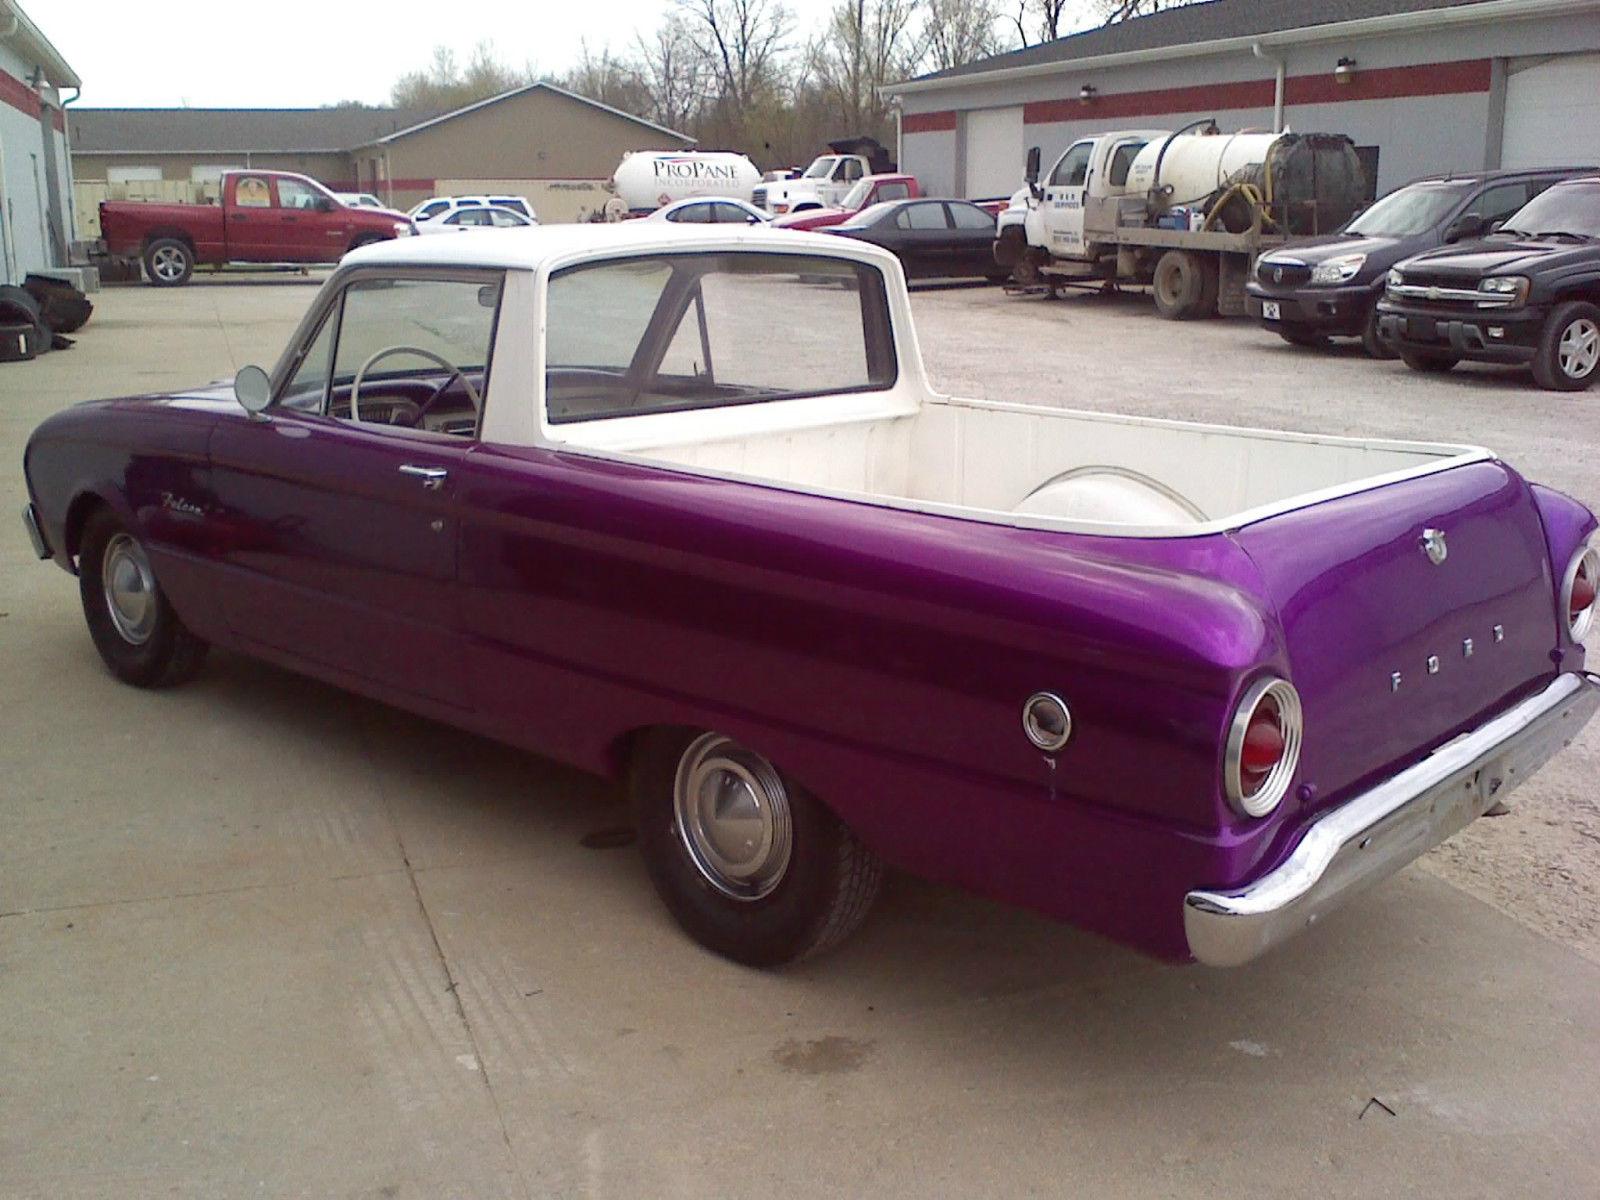 1963 Ford Falcon Ranchero, Cool car - Classic Ford Falcon